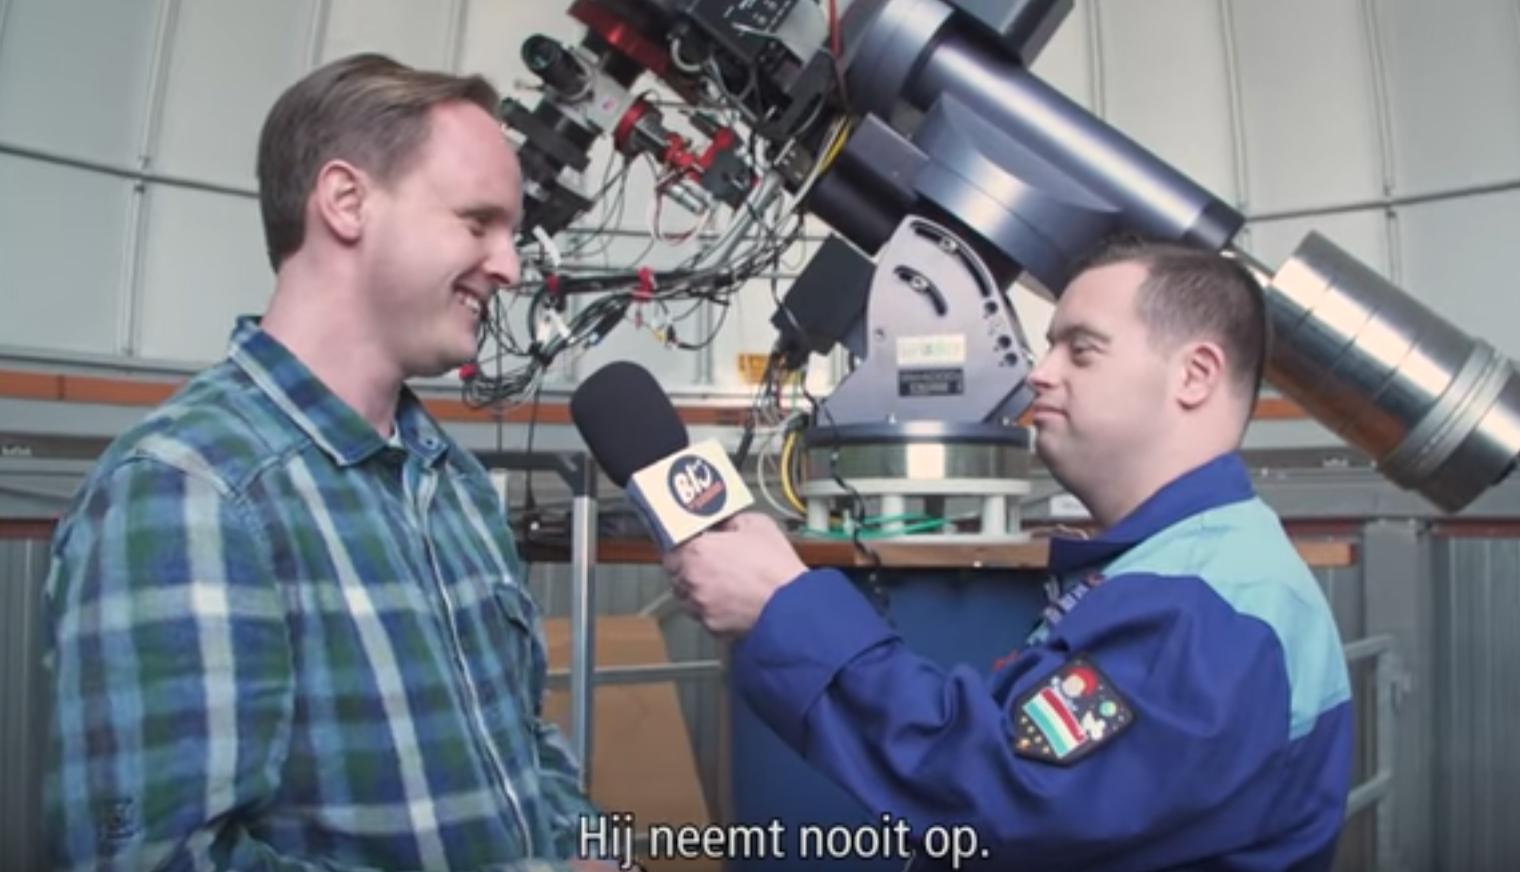 Lucas en André Kuipers worden geïnterviewd door de beroemde vlogger Sjoerd, 19 mei 2017